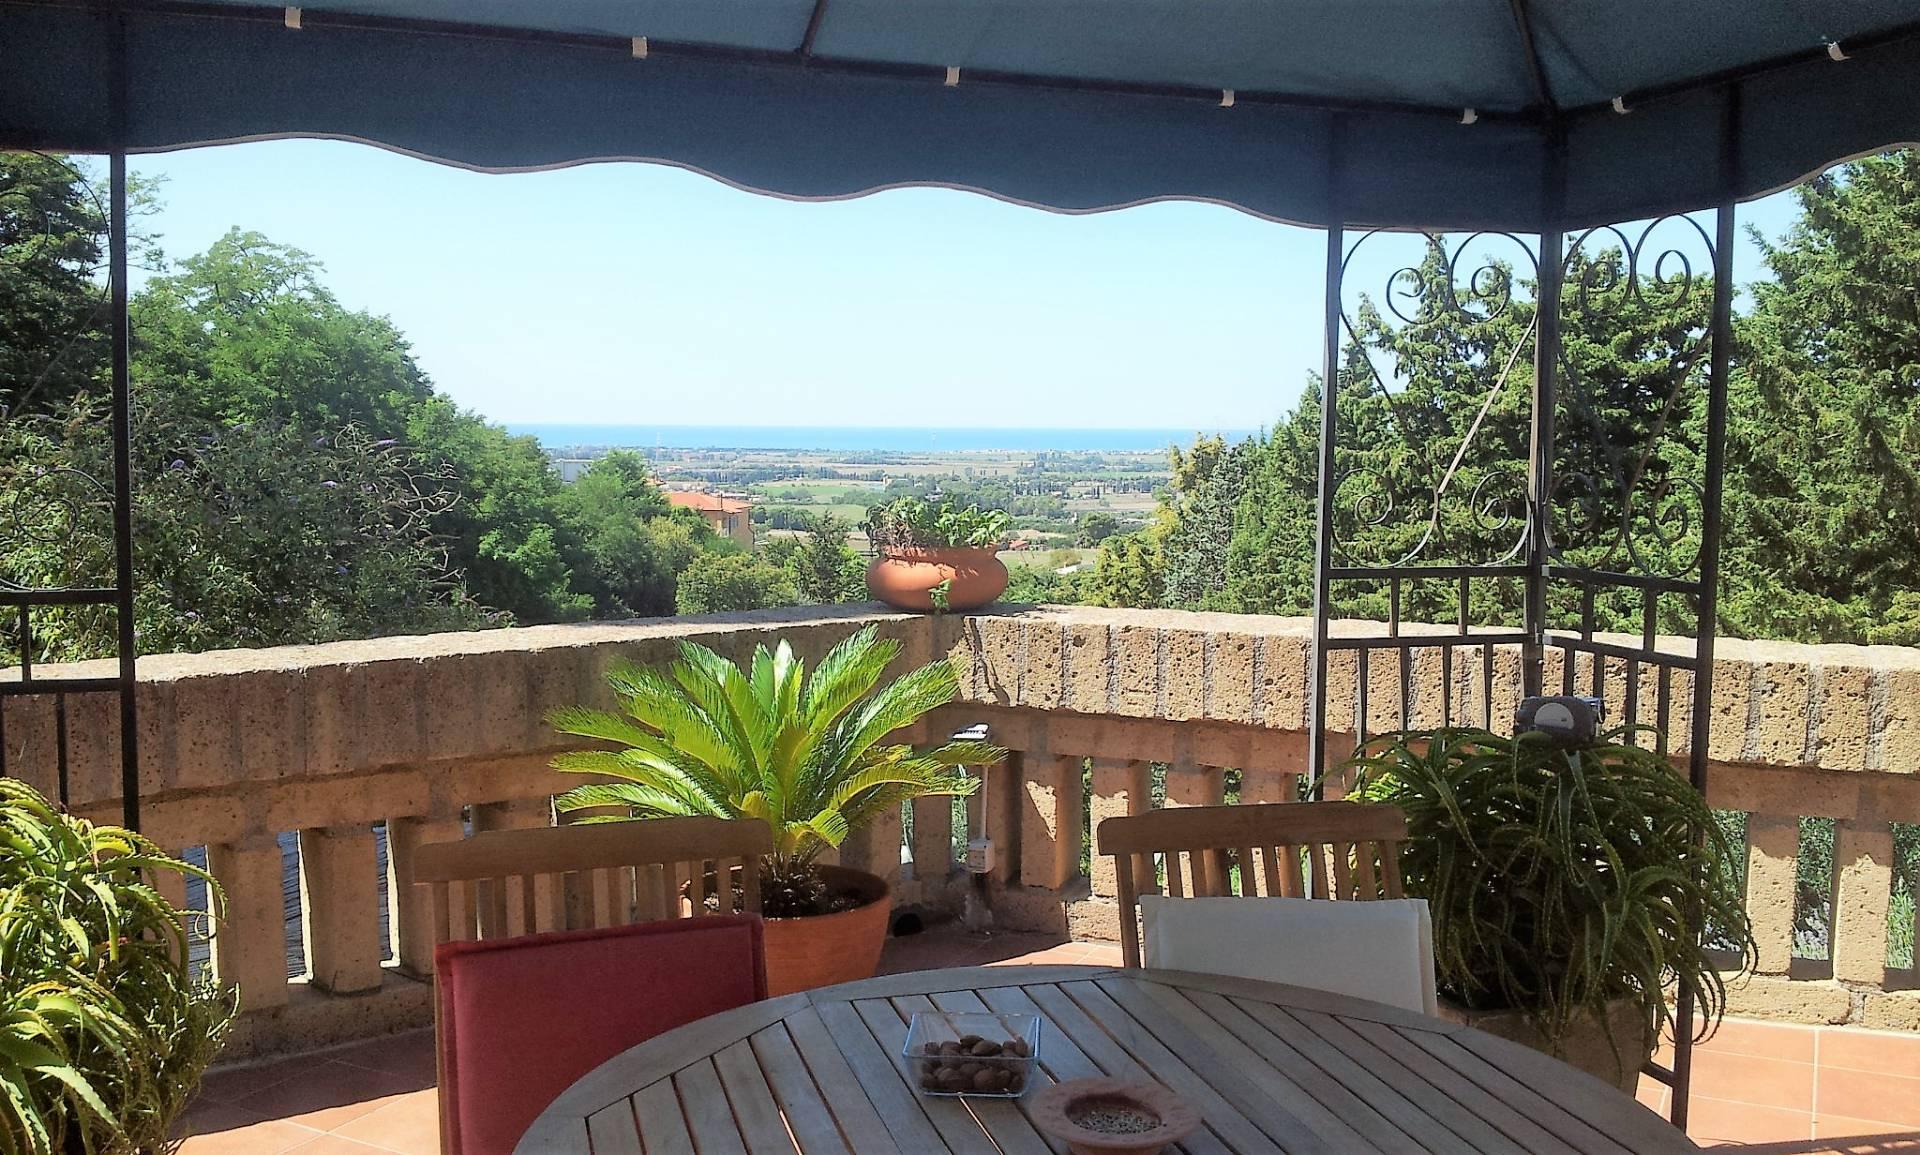 Villa in vendita a Tarquinia, 5 locali, zona Località: CentroStorico, prezzo € 590.000 | CambioCasa.it